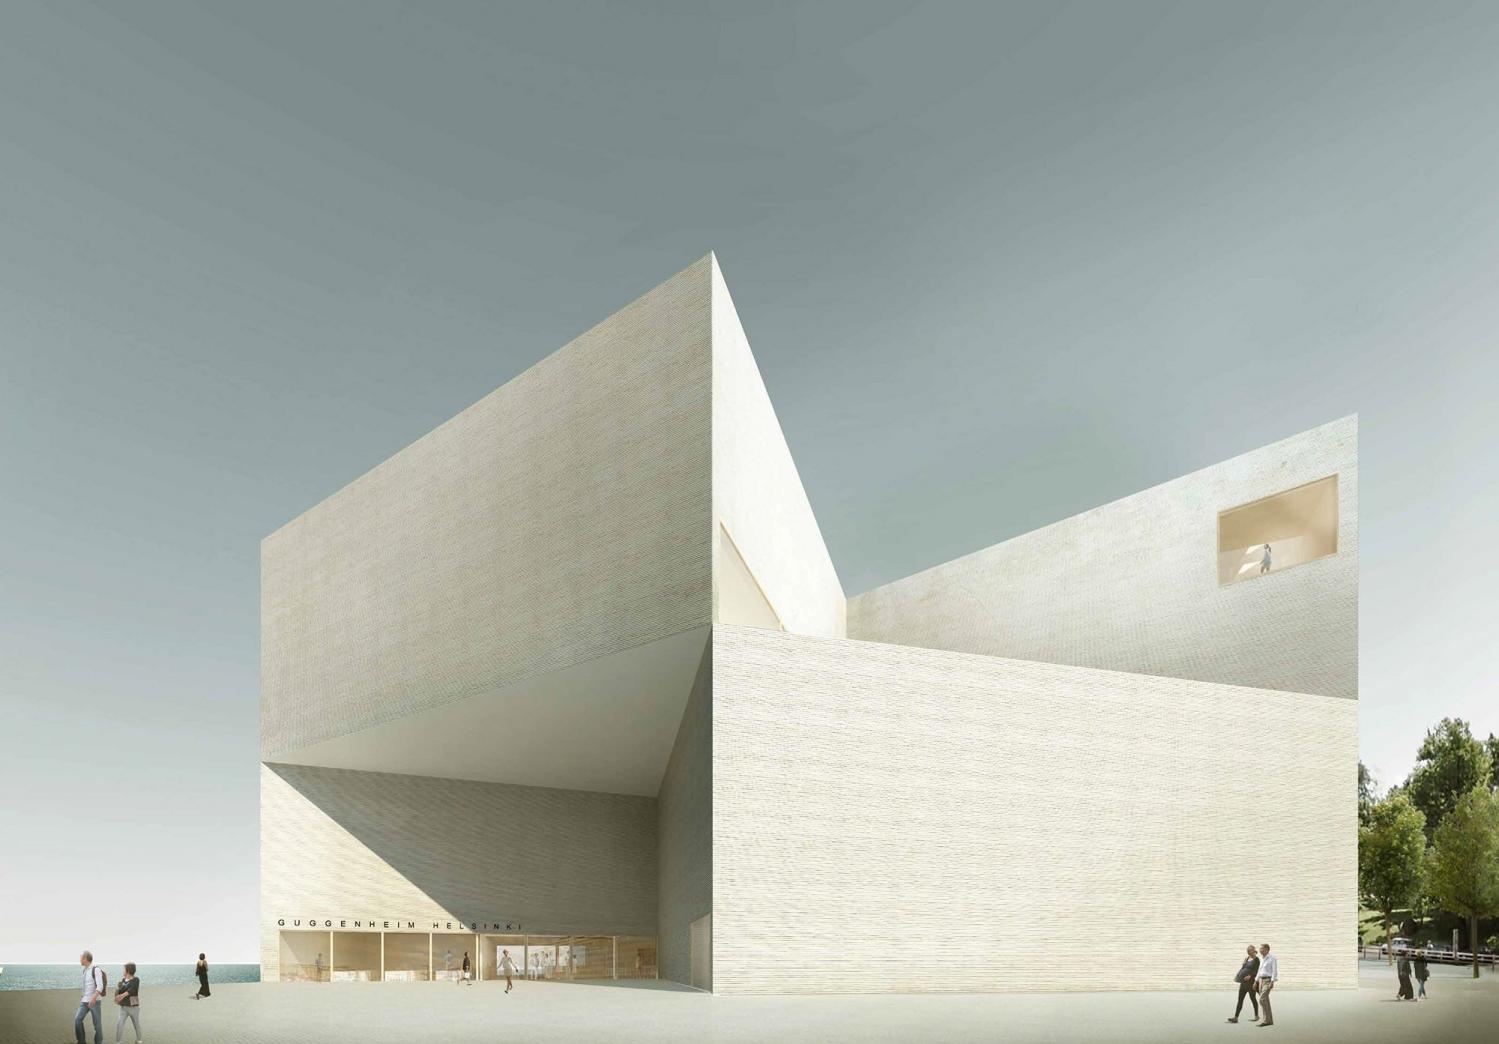 Tham-Videgård-.-Guggenheim-museum-.-Helsinki-1.jpg